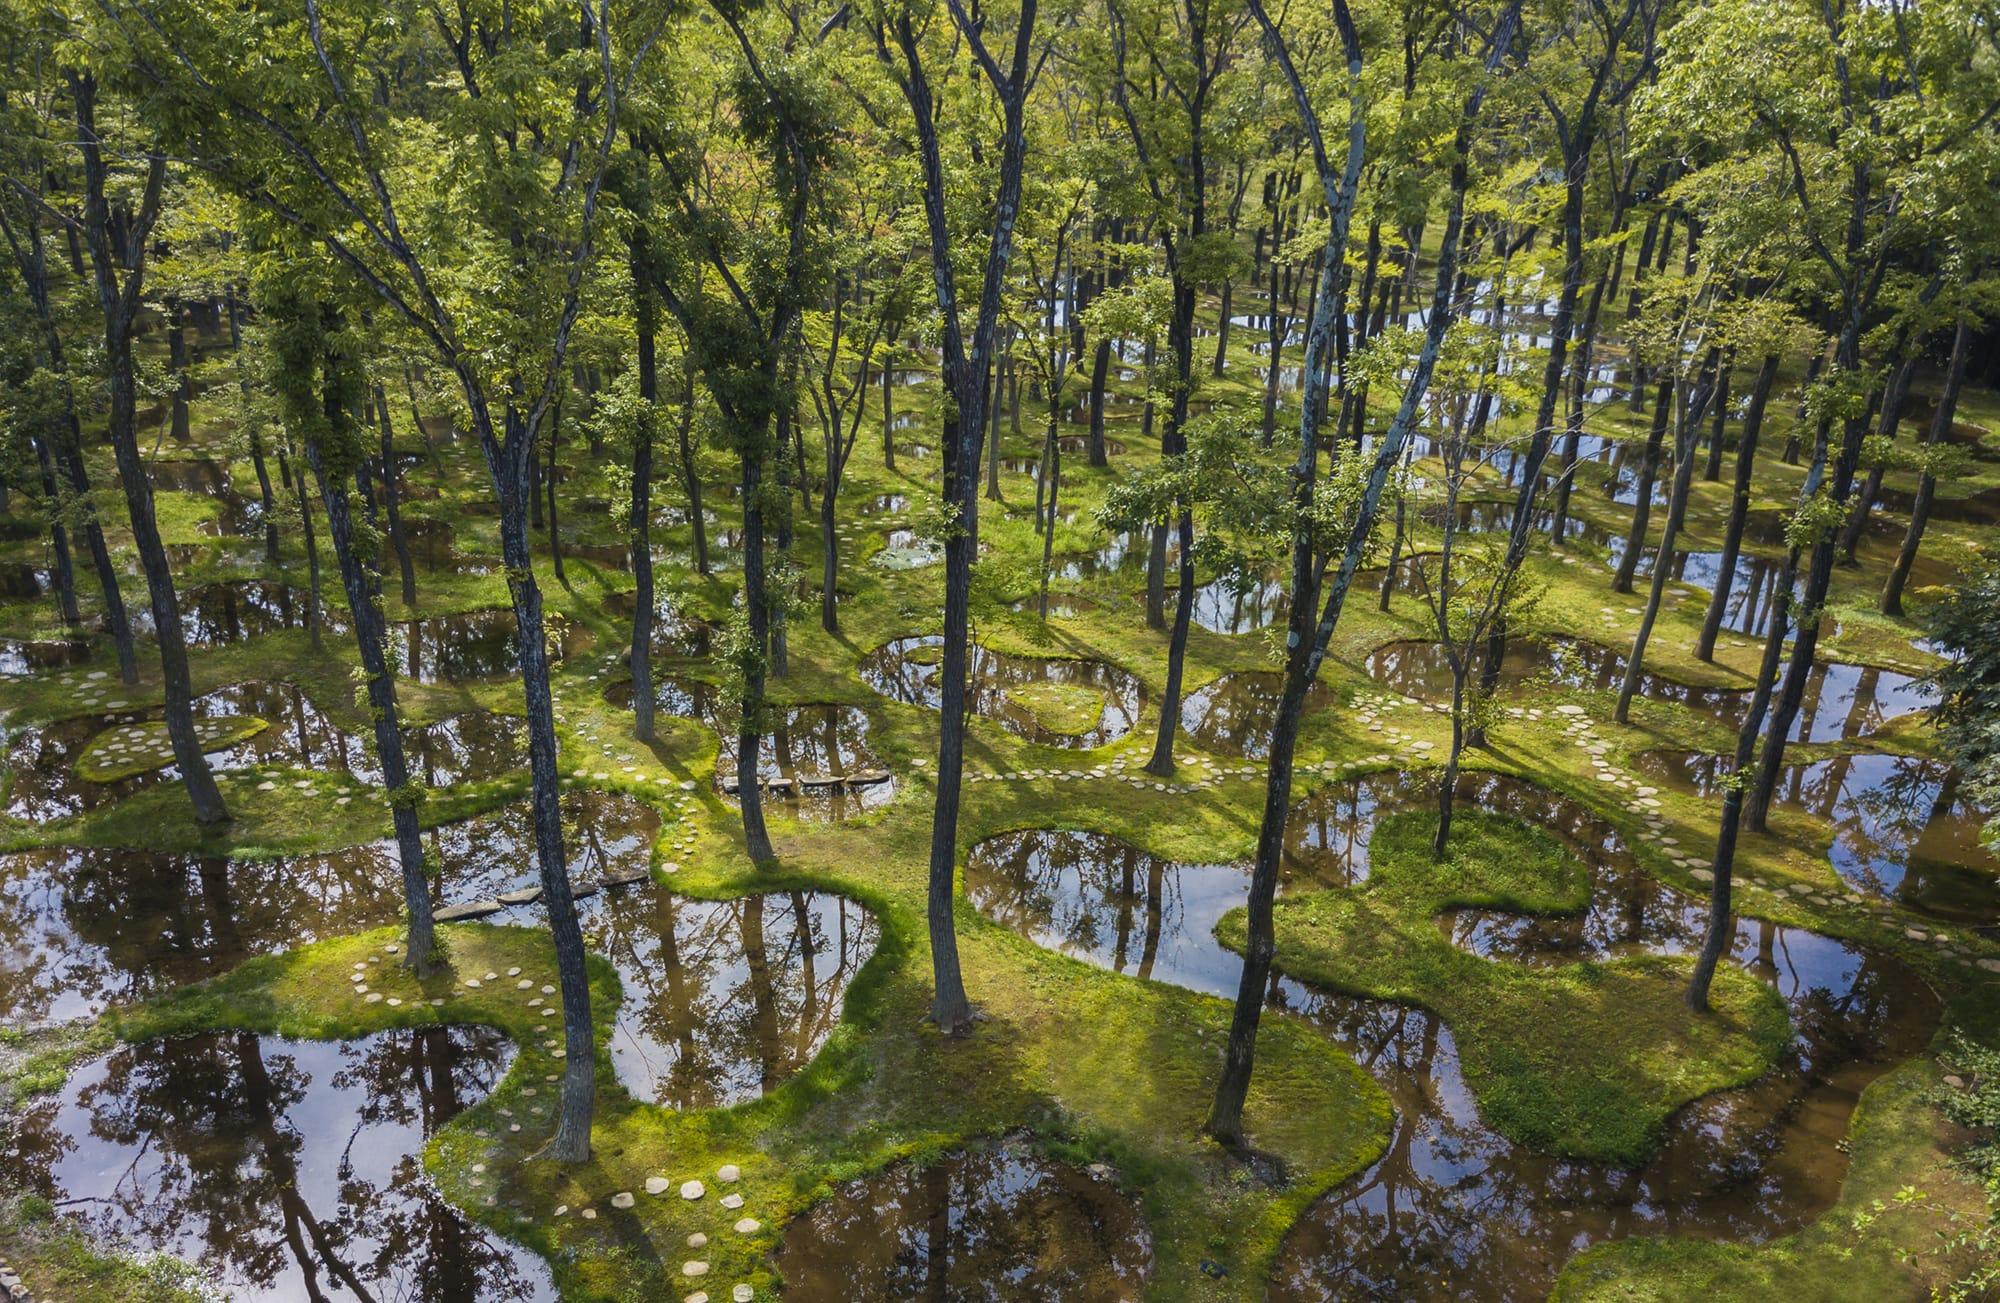 時間と共に木々は成長し、その姿を変えていく水庭。